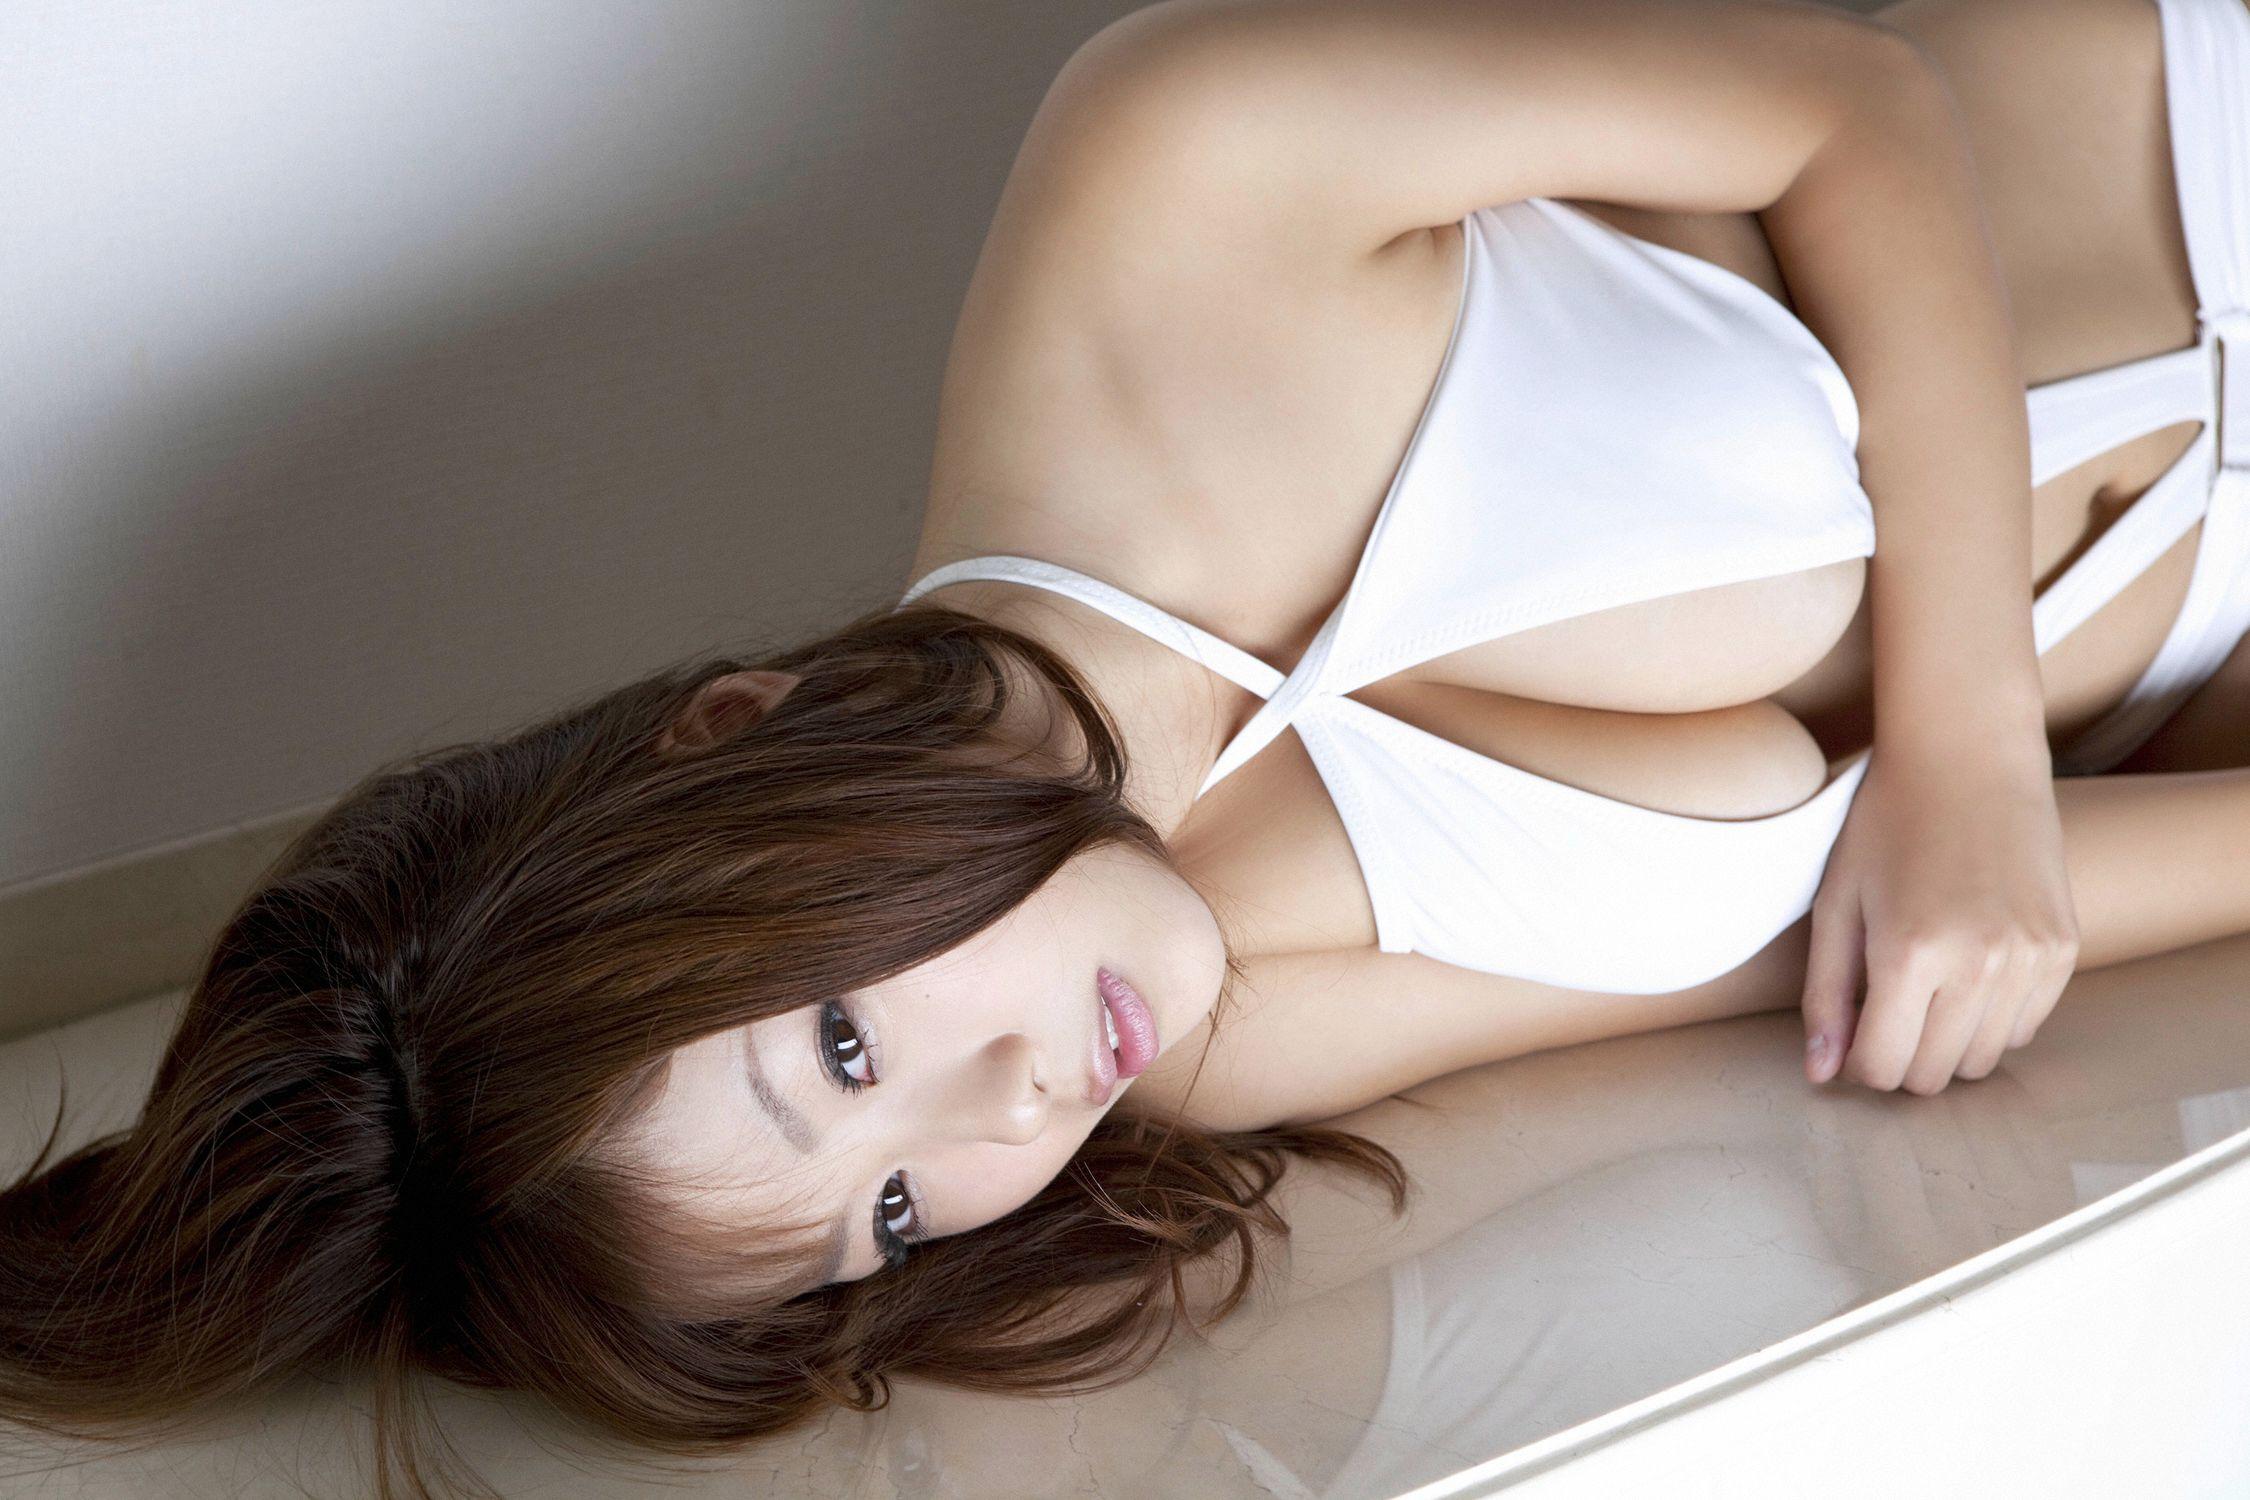 西田麻衣 過激 画像 74